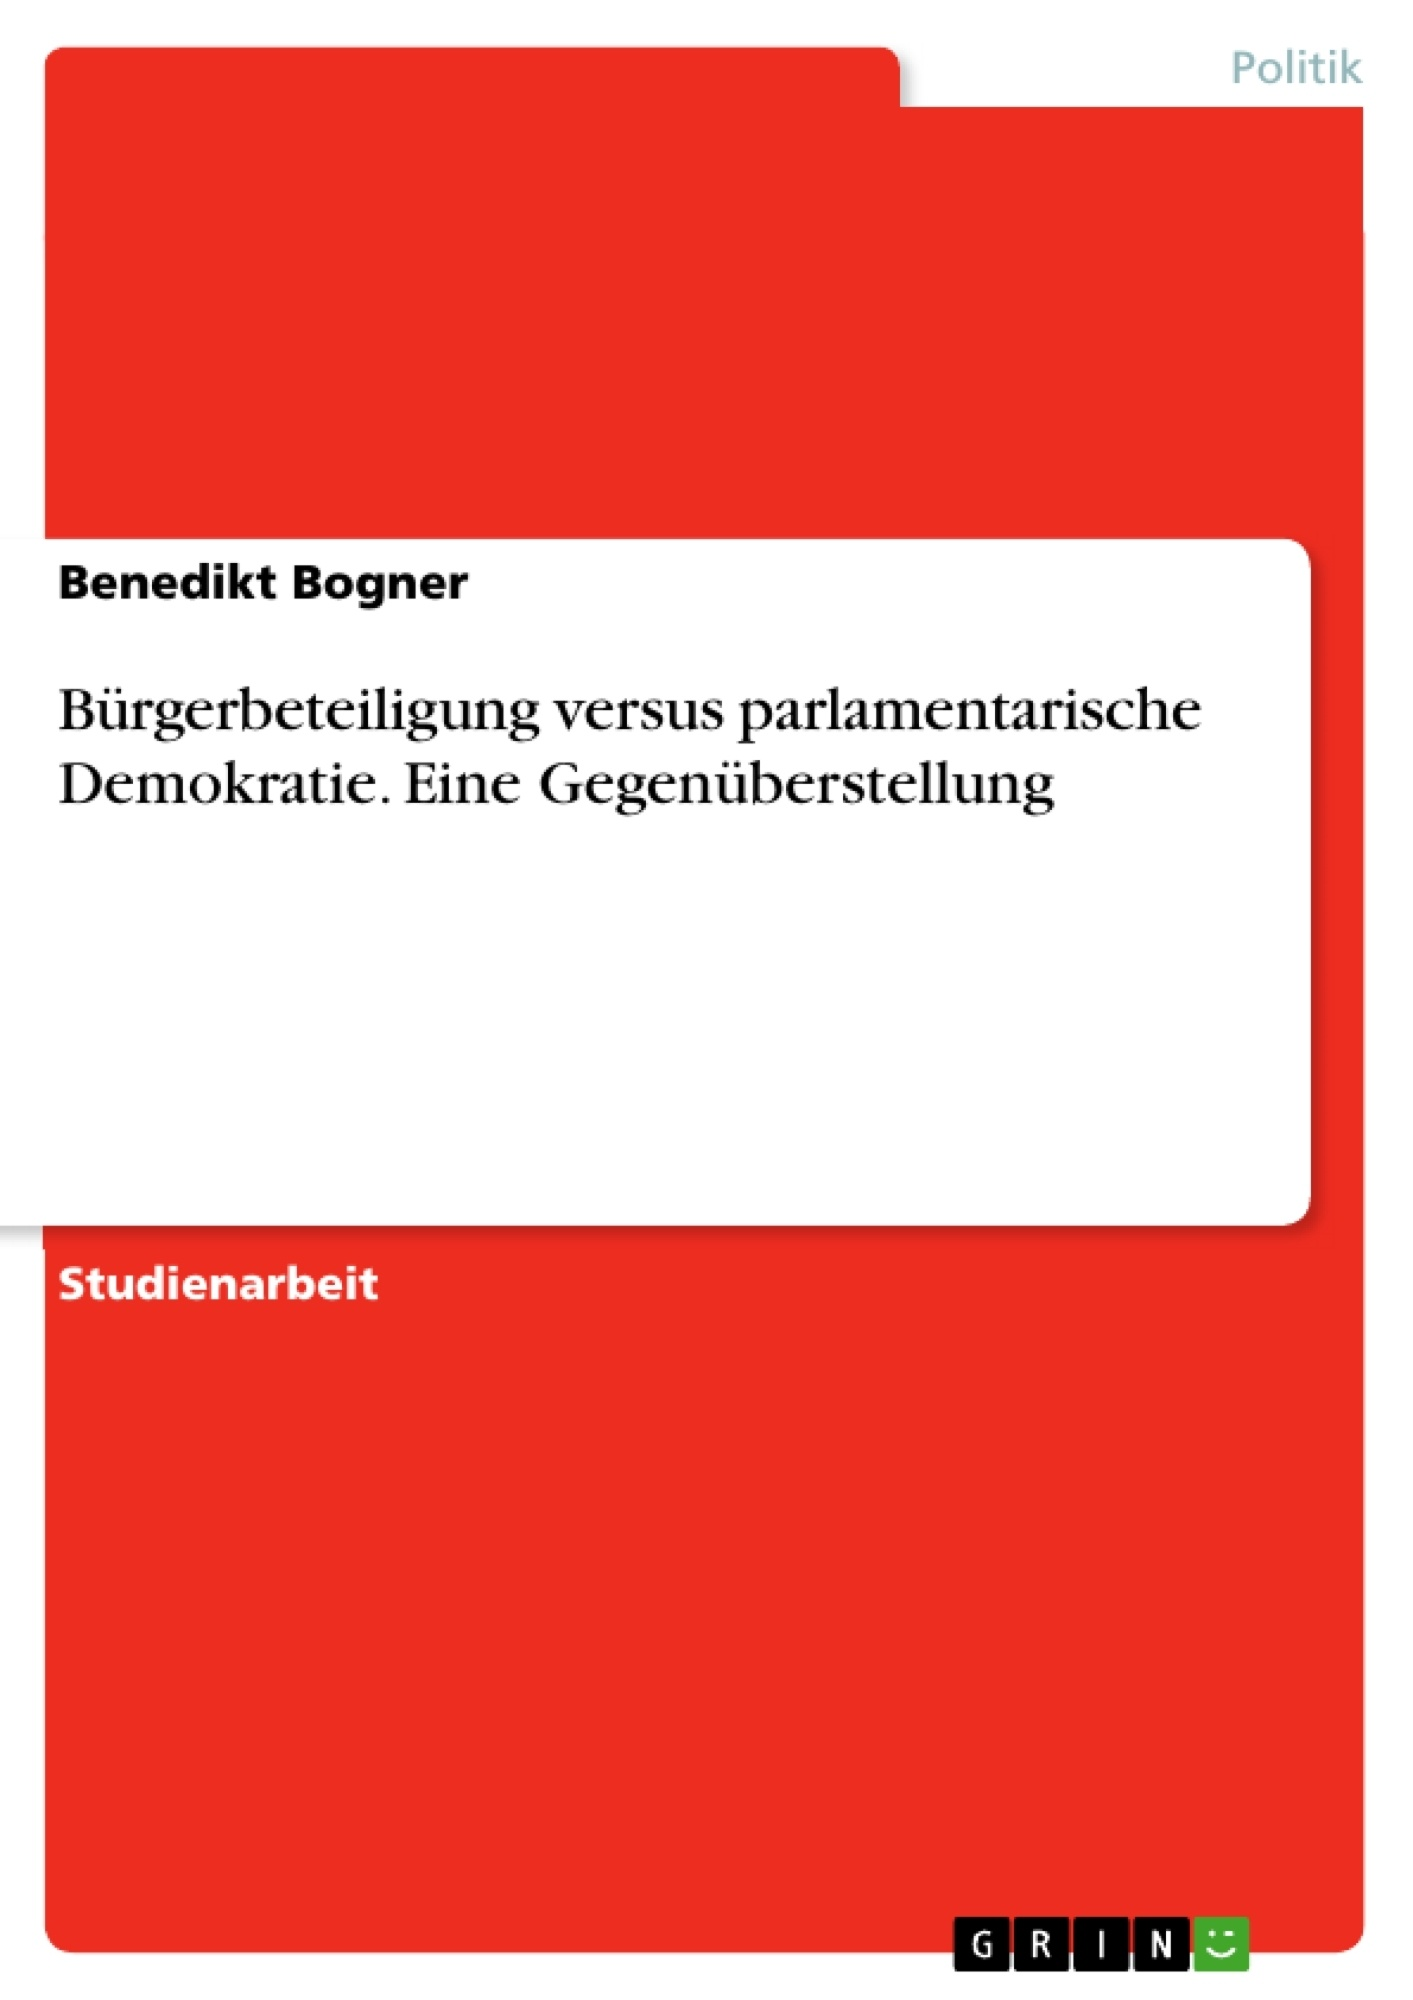 Titel: Bürgerbeteiligung versus parlamentarische Demokratie. Eine Gegenüberstellung